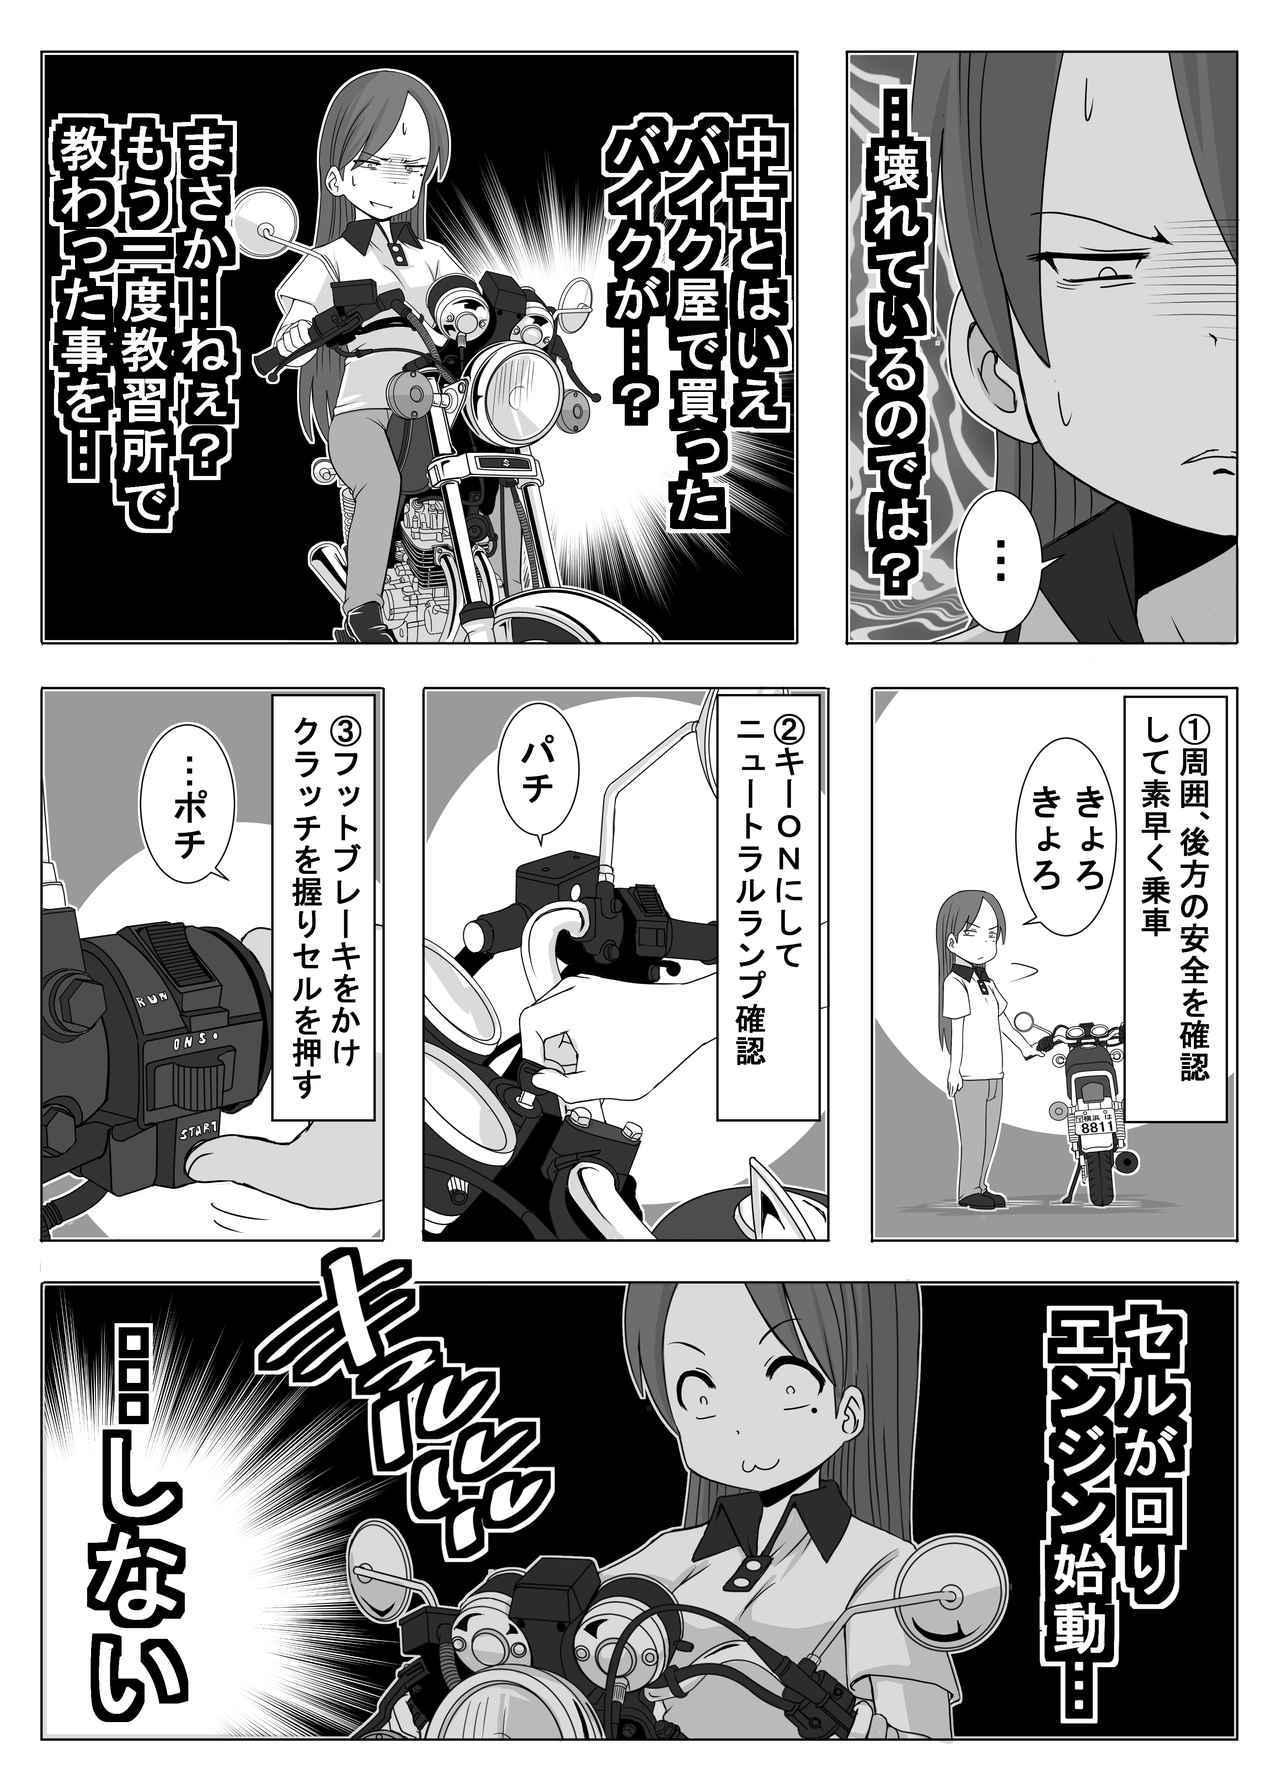 画像3: 【連載】馬場郁子がこよなくバイクを愛す理由(第九話:おバイクが人に似ているワケ)作:鈴木秀吉